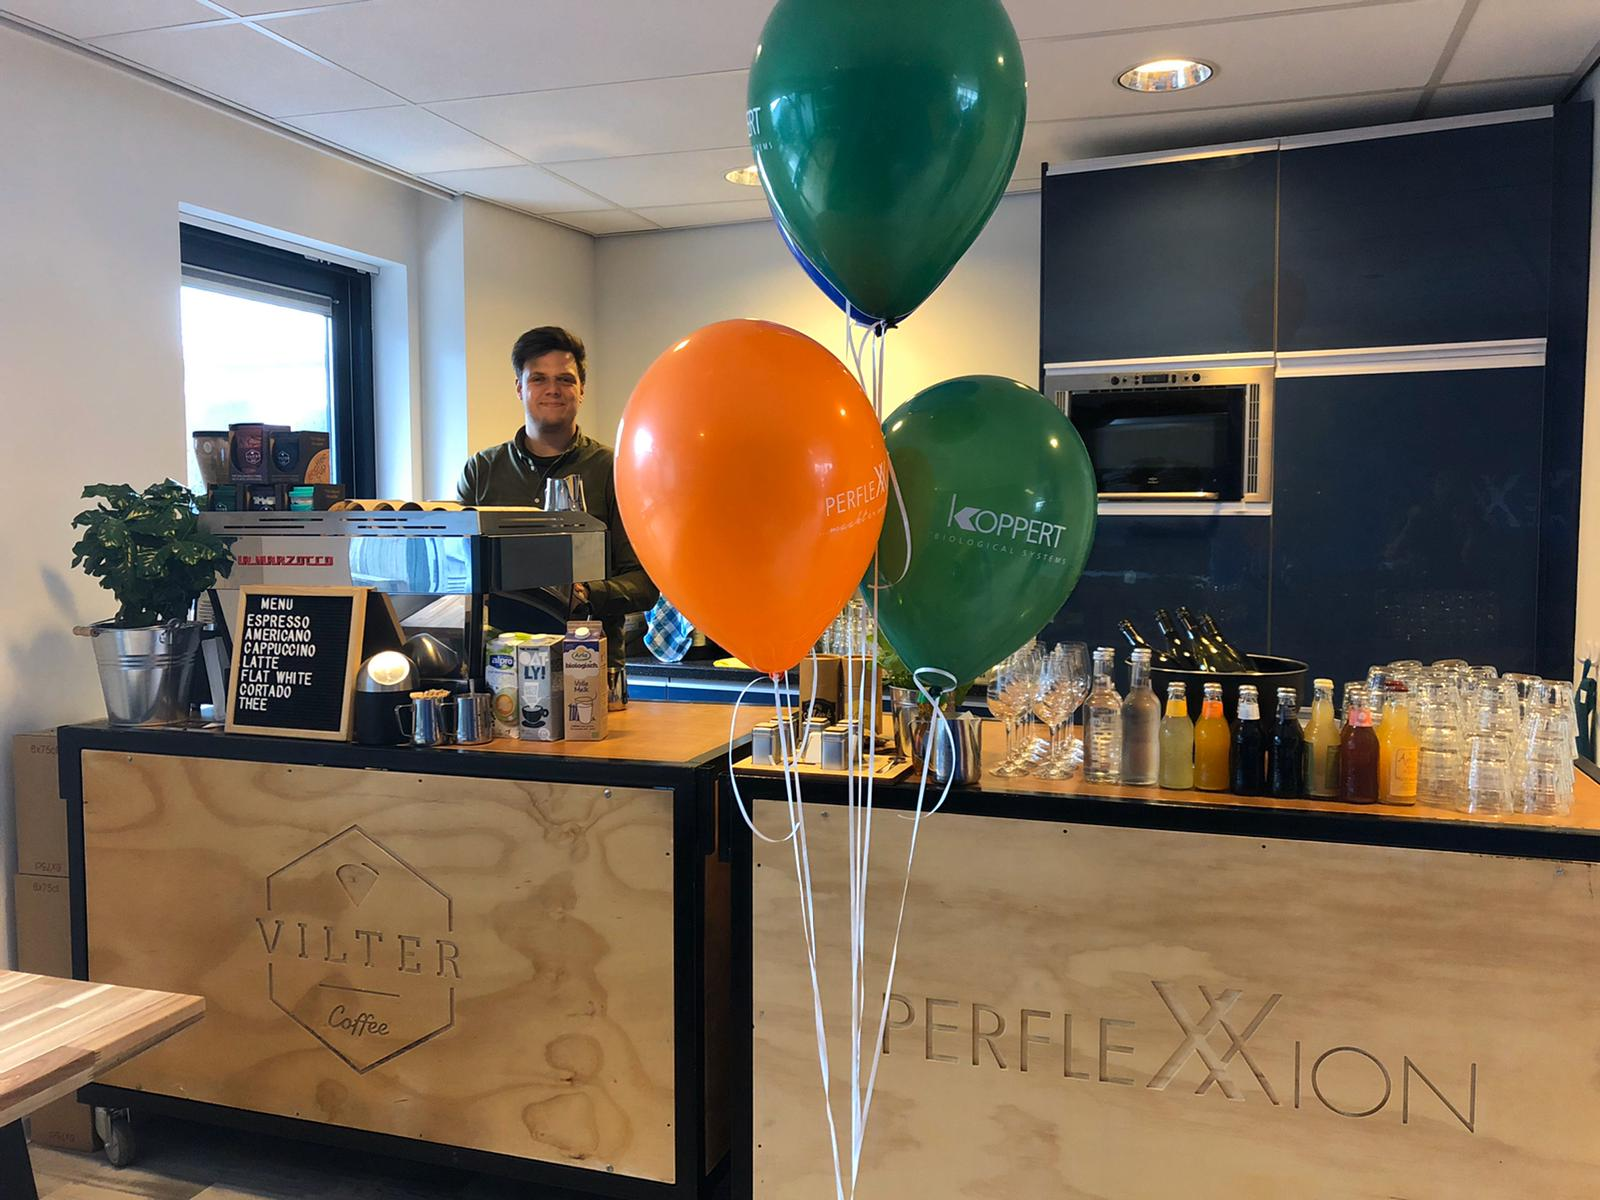 Perflexxion Vilter opening Berkel en Rodenrijs